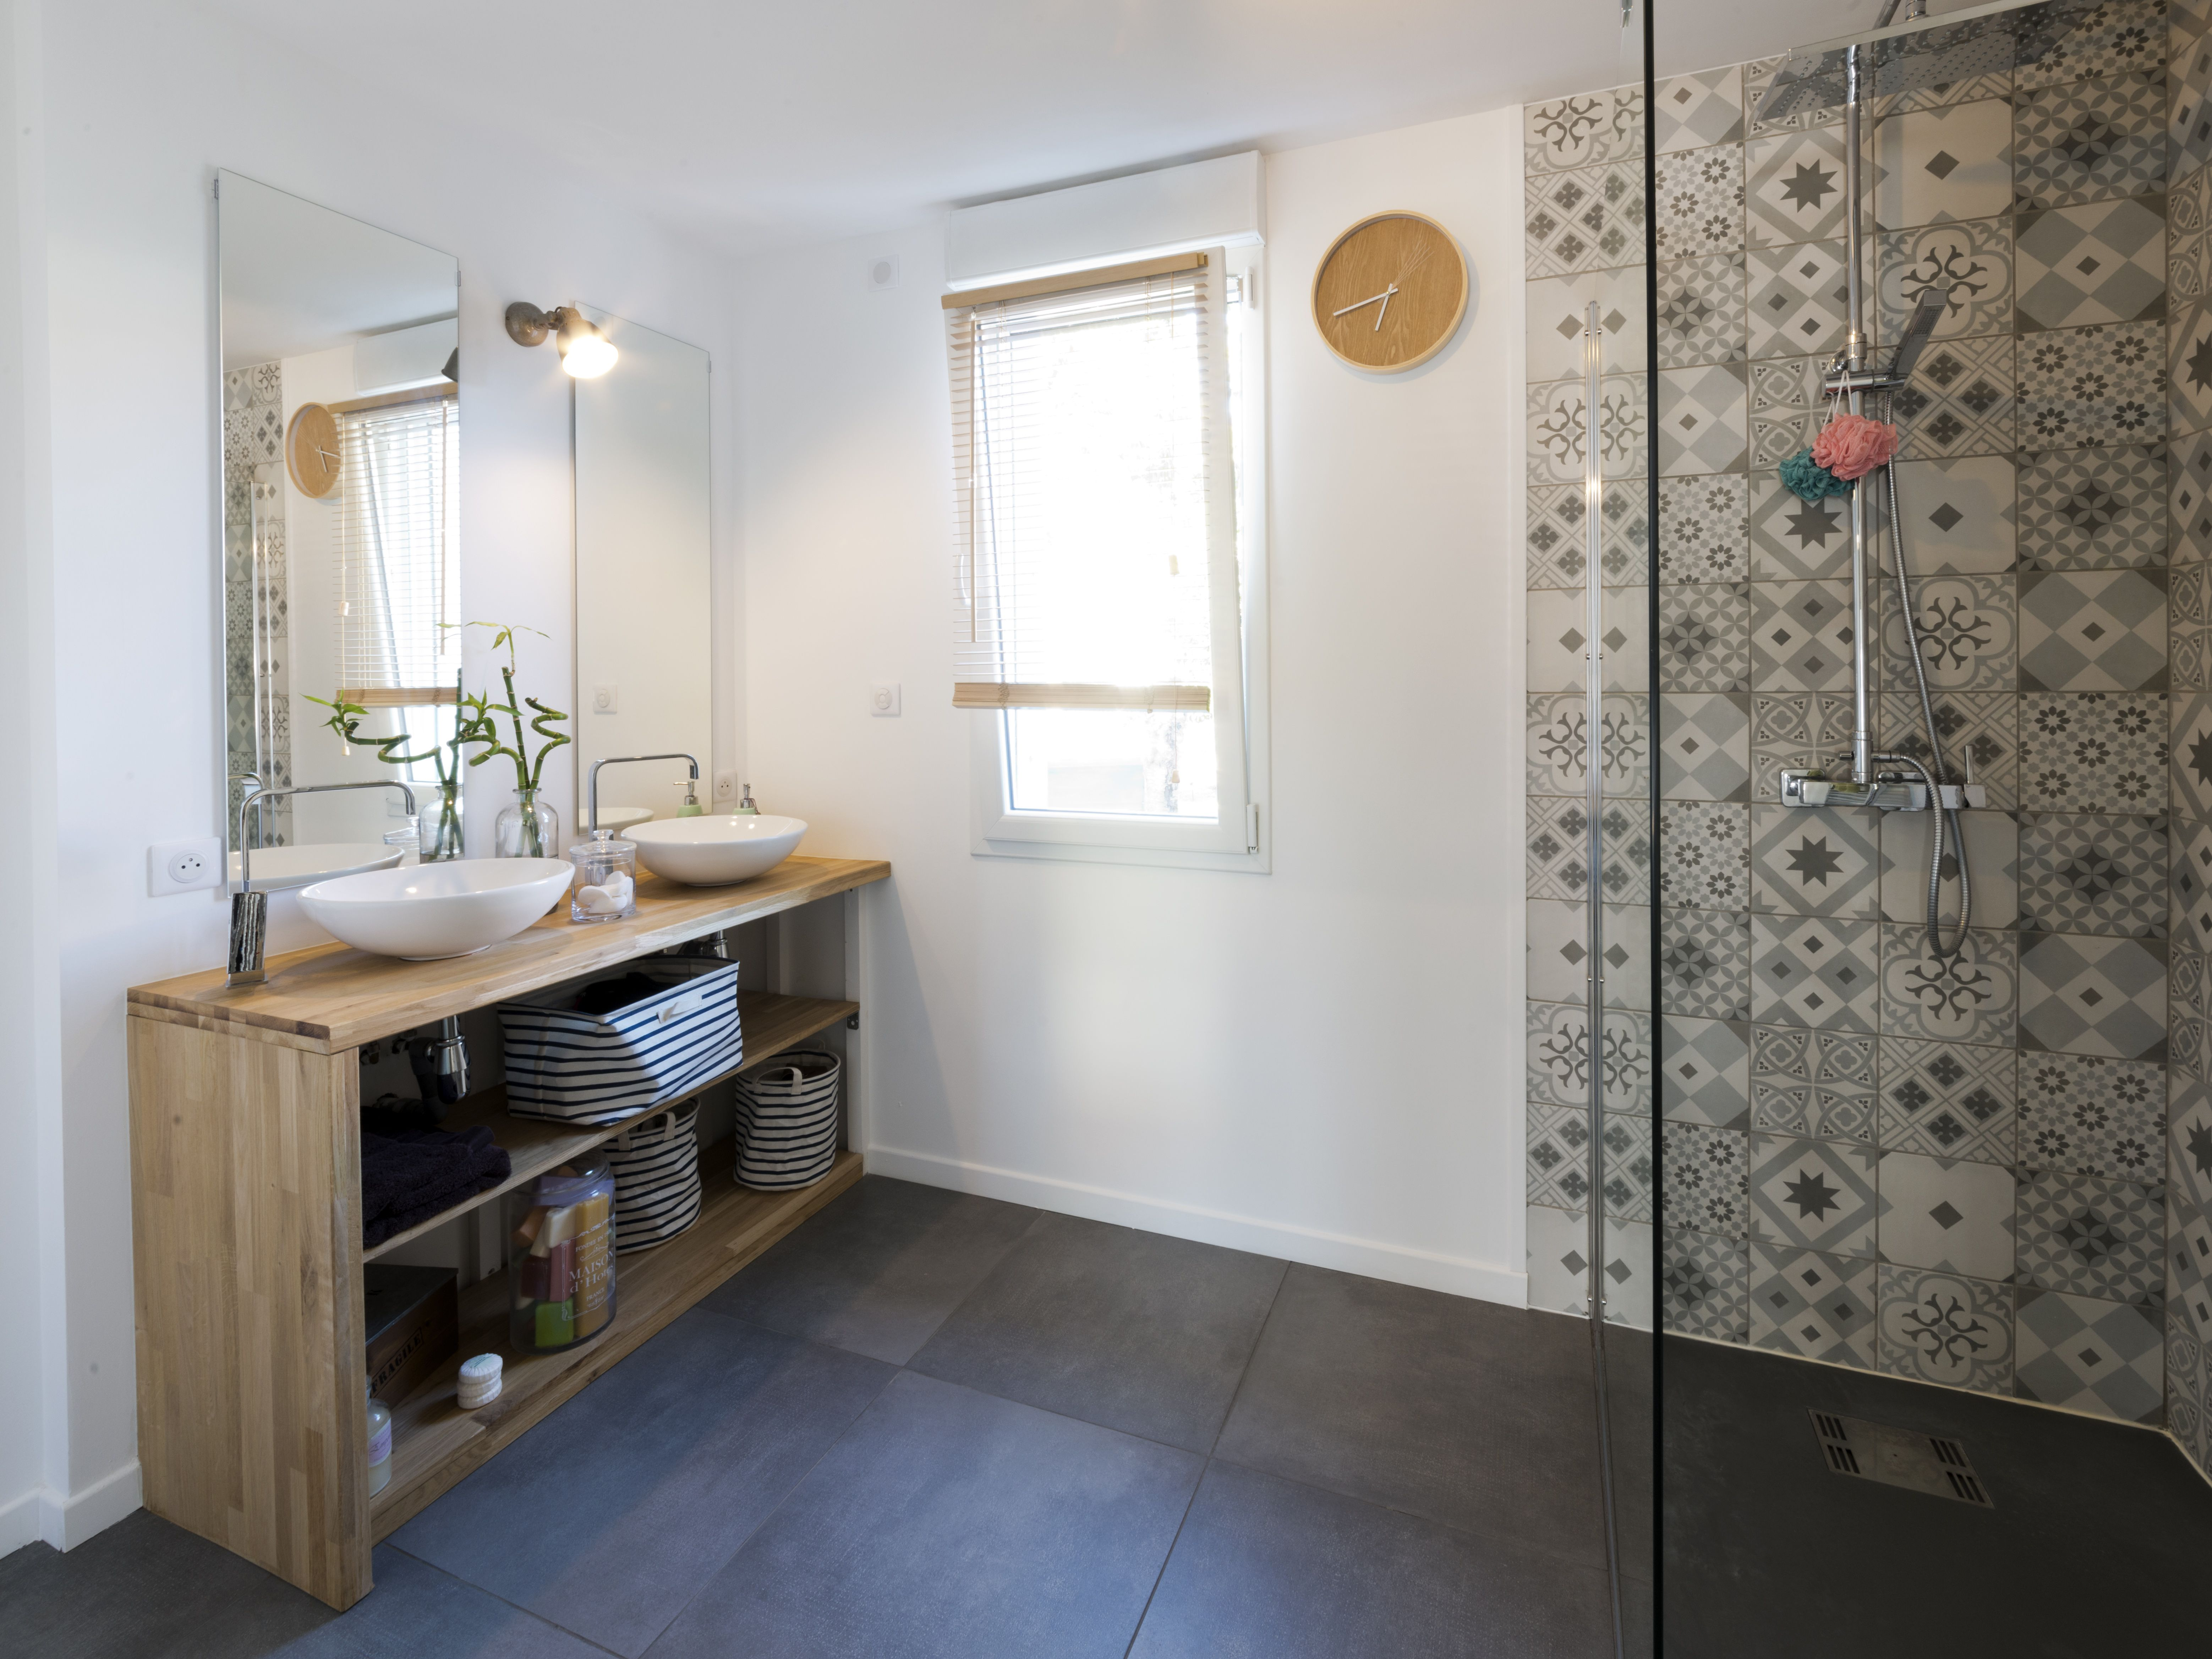 une salle de bains pour les parents avec une douche l